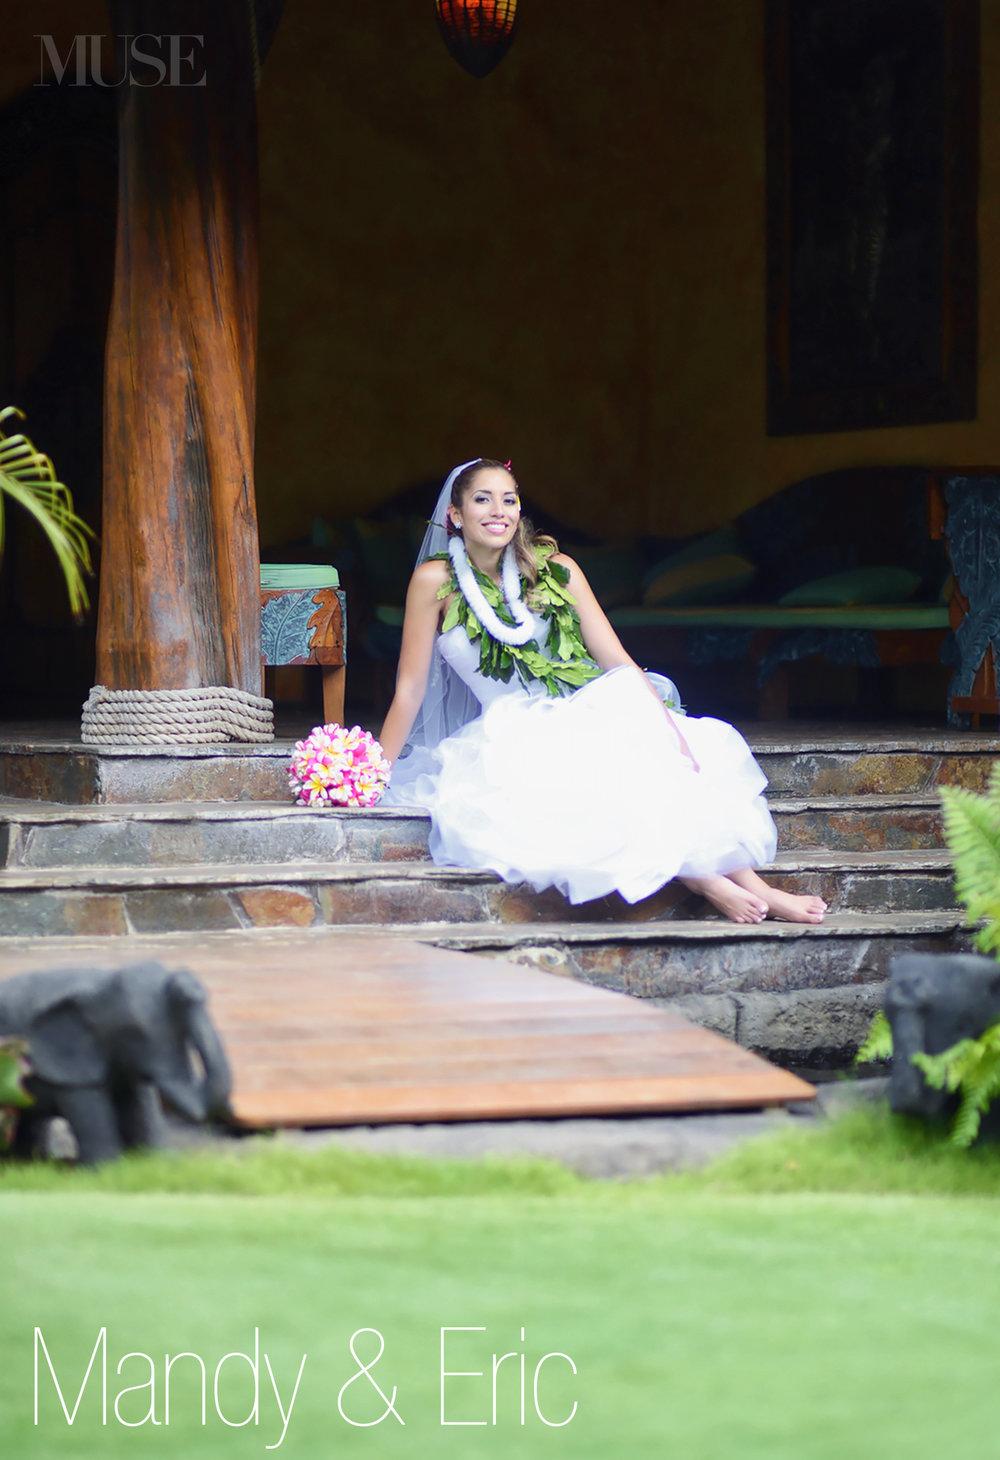 MUSE Bride Lookbook - Brides . Mandy